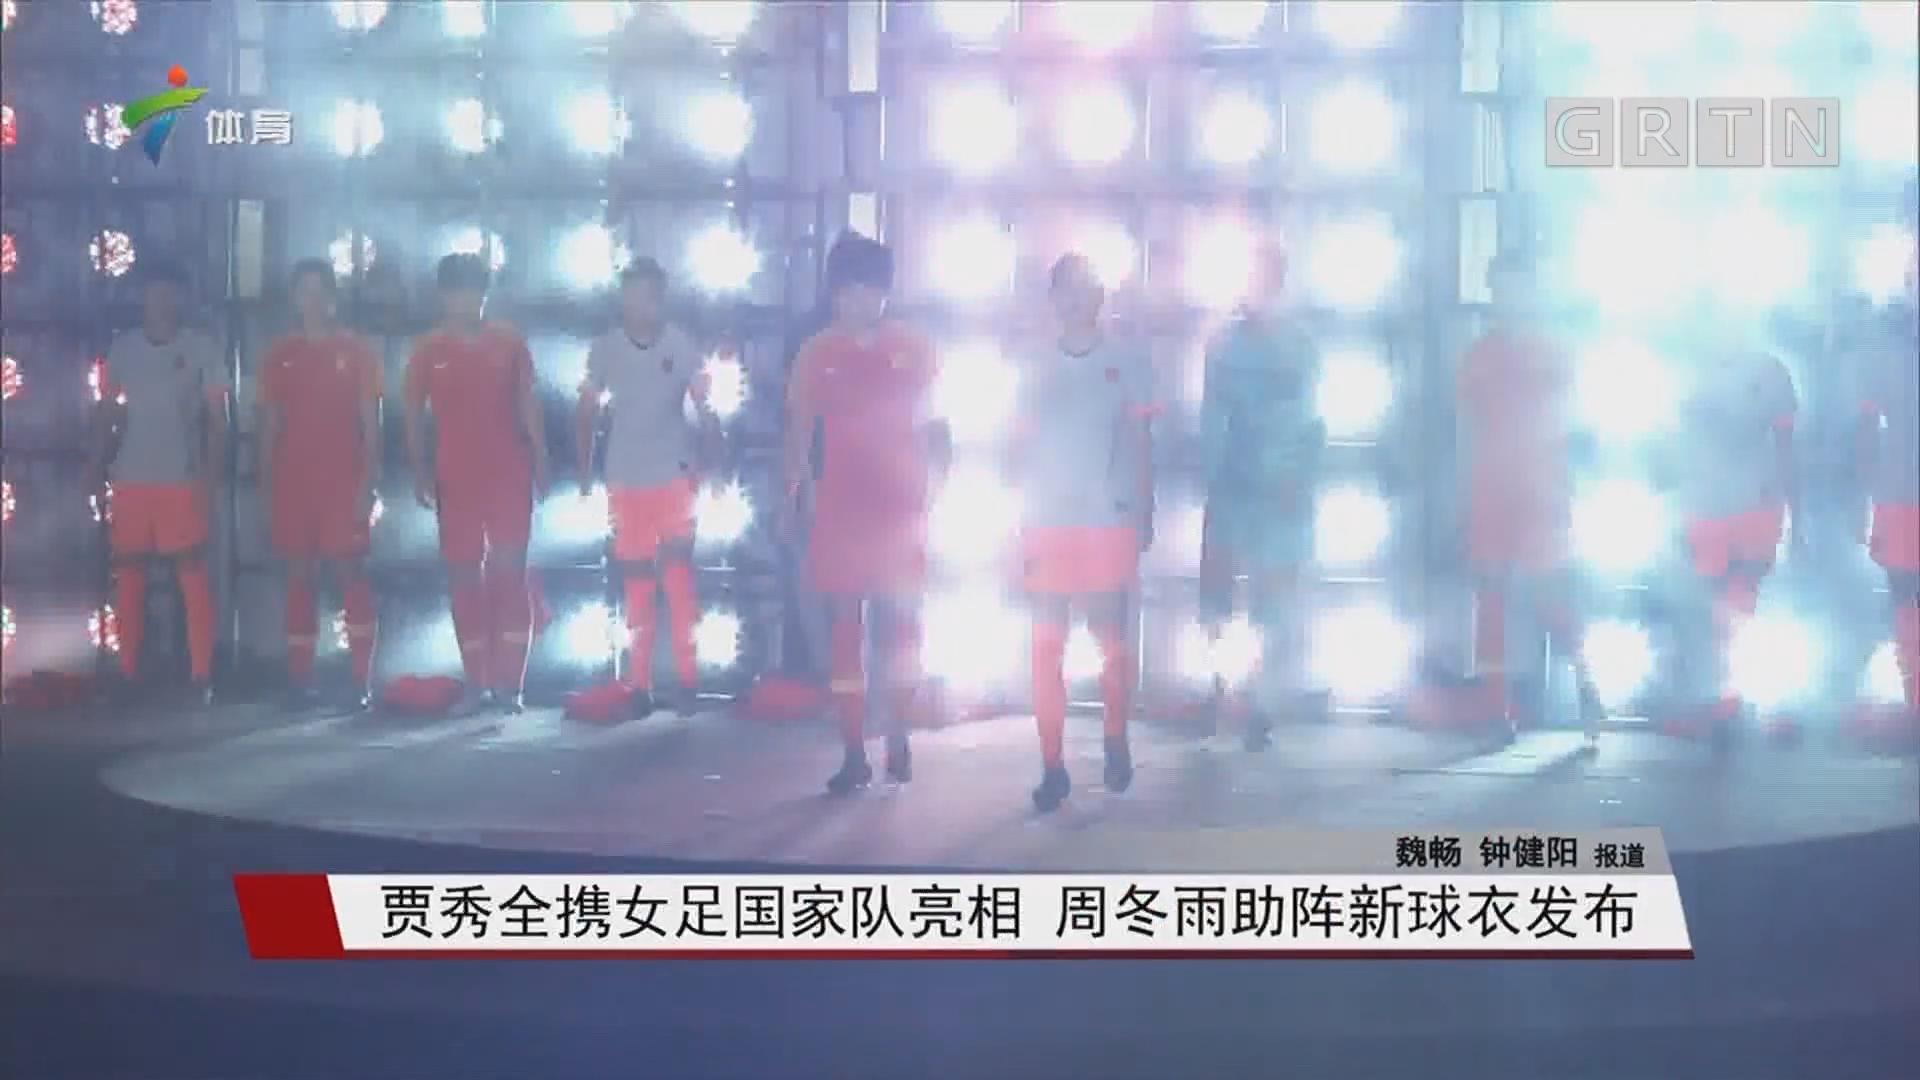 贾秀全携女足国家队亮相 周冬雨助阵新球衣发布